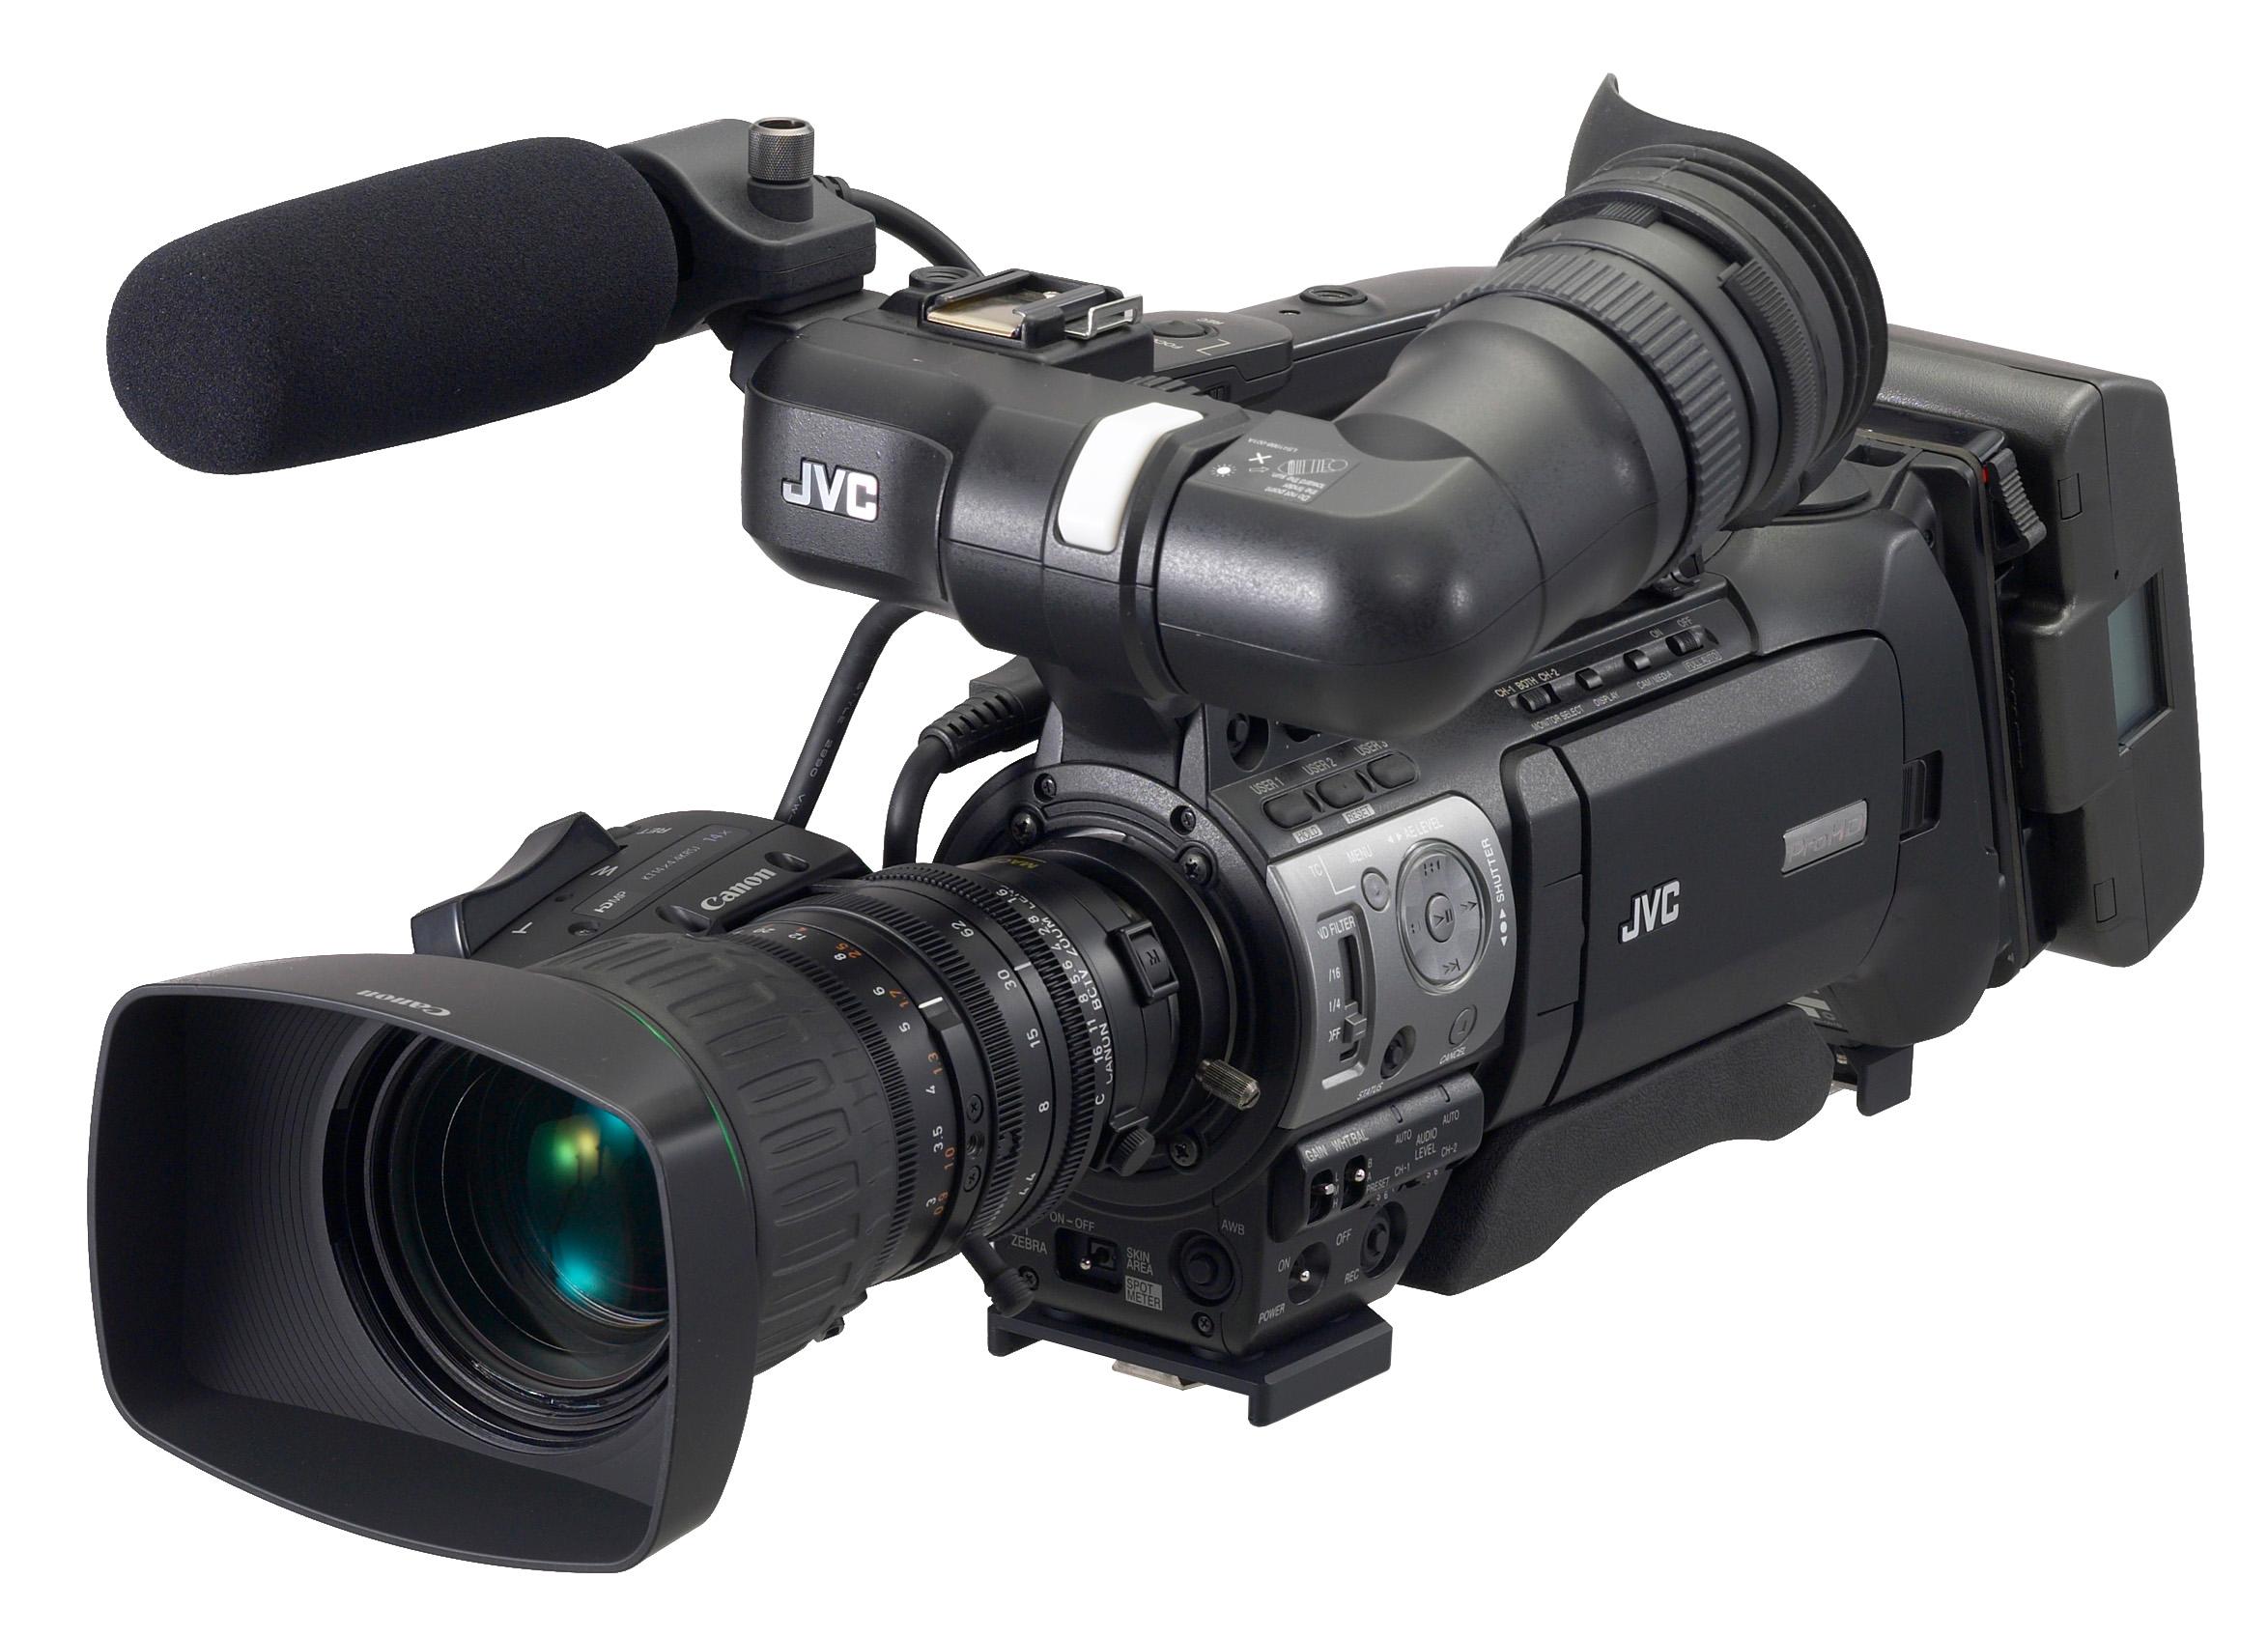 GY-HM710U JPEG